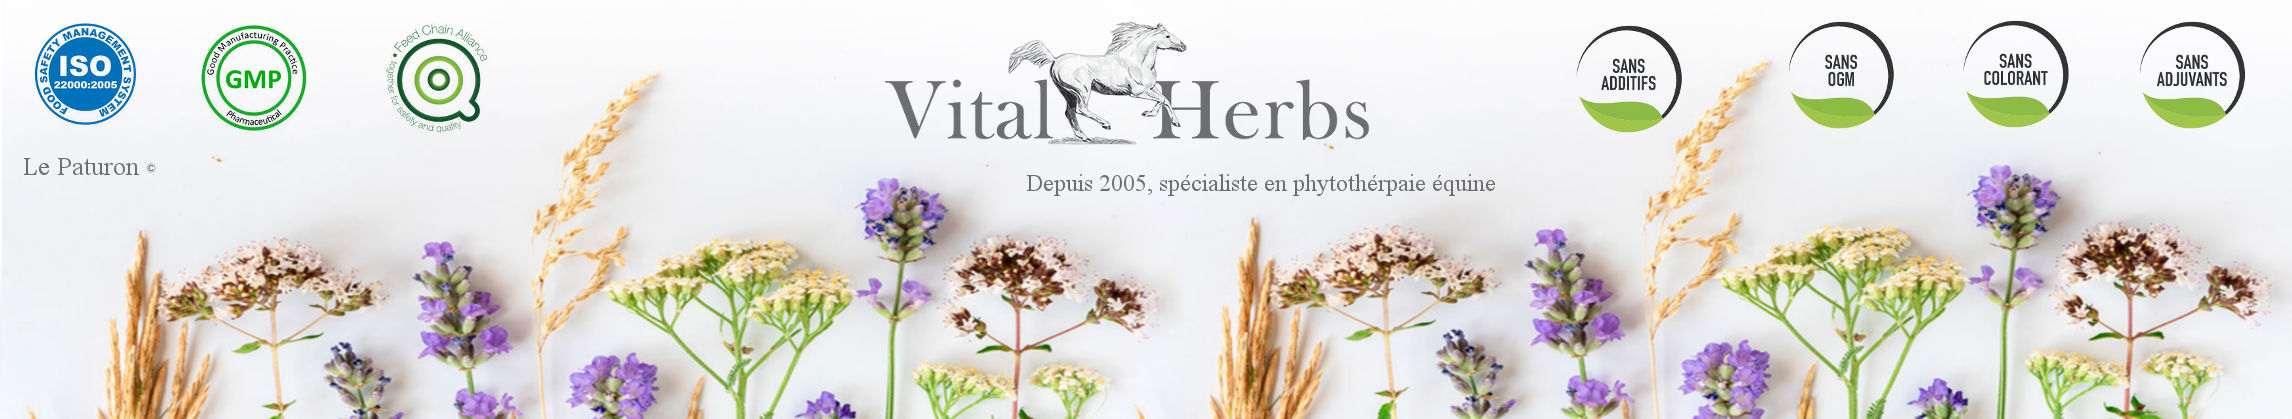 Vital Herbs - Phytothérapie équine - Produit naturel cheval - Le Paturon